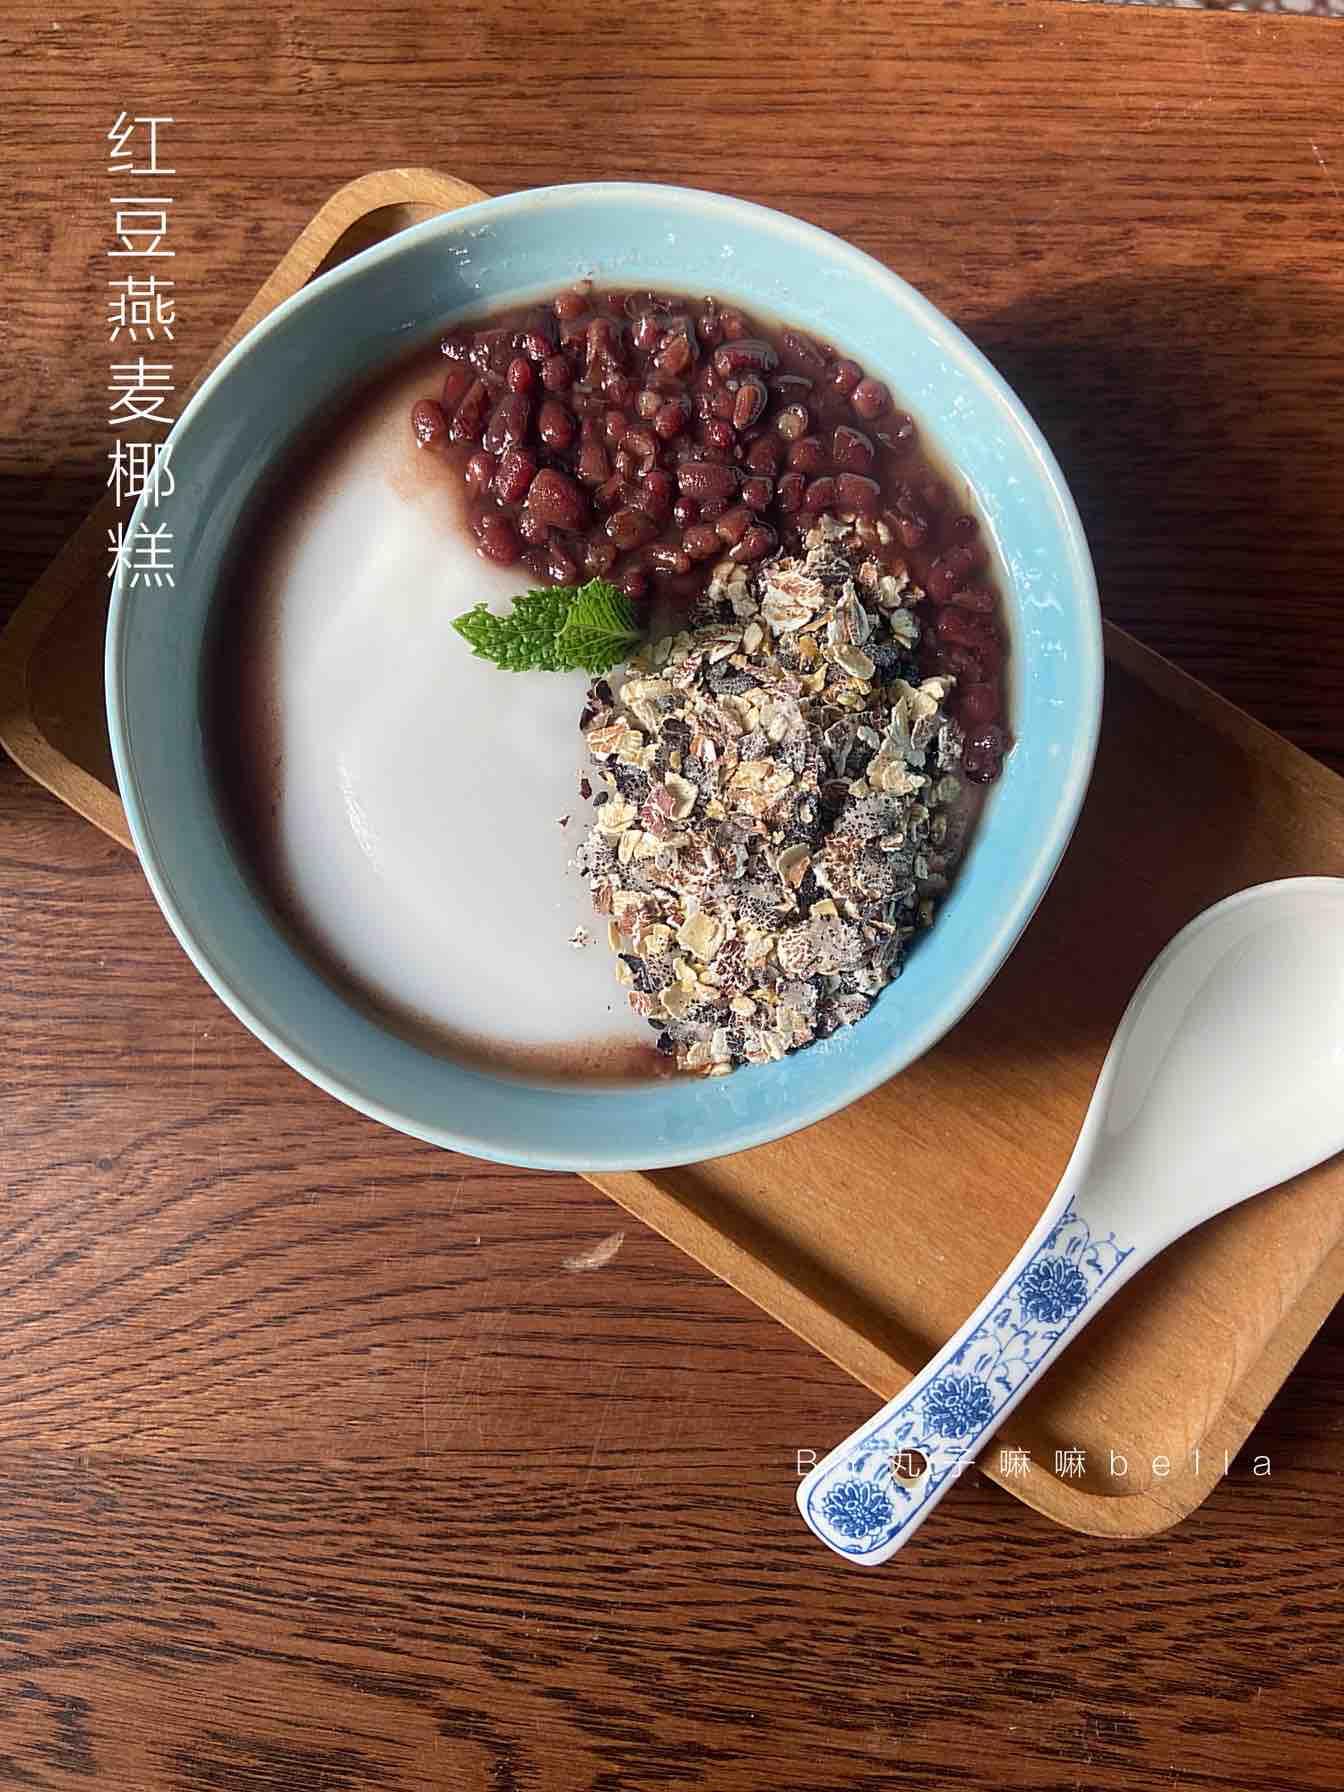 会拉丝椰香满满的红豆燕麦椰糕成品图